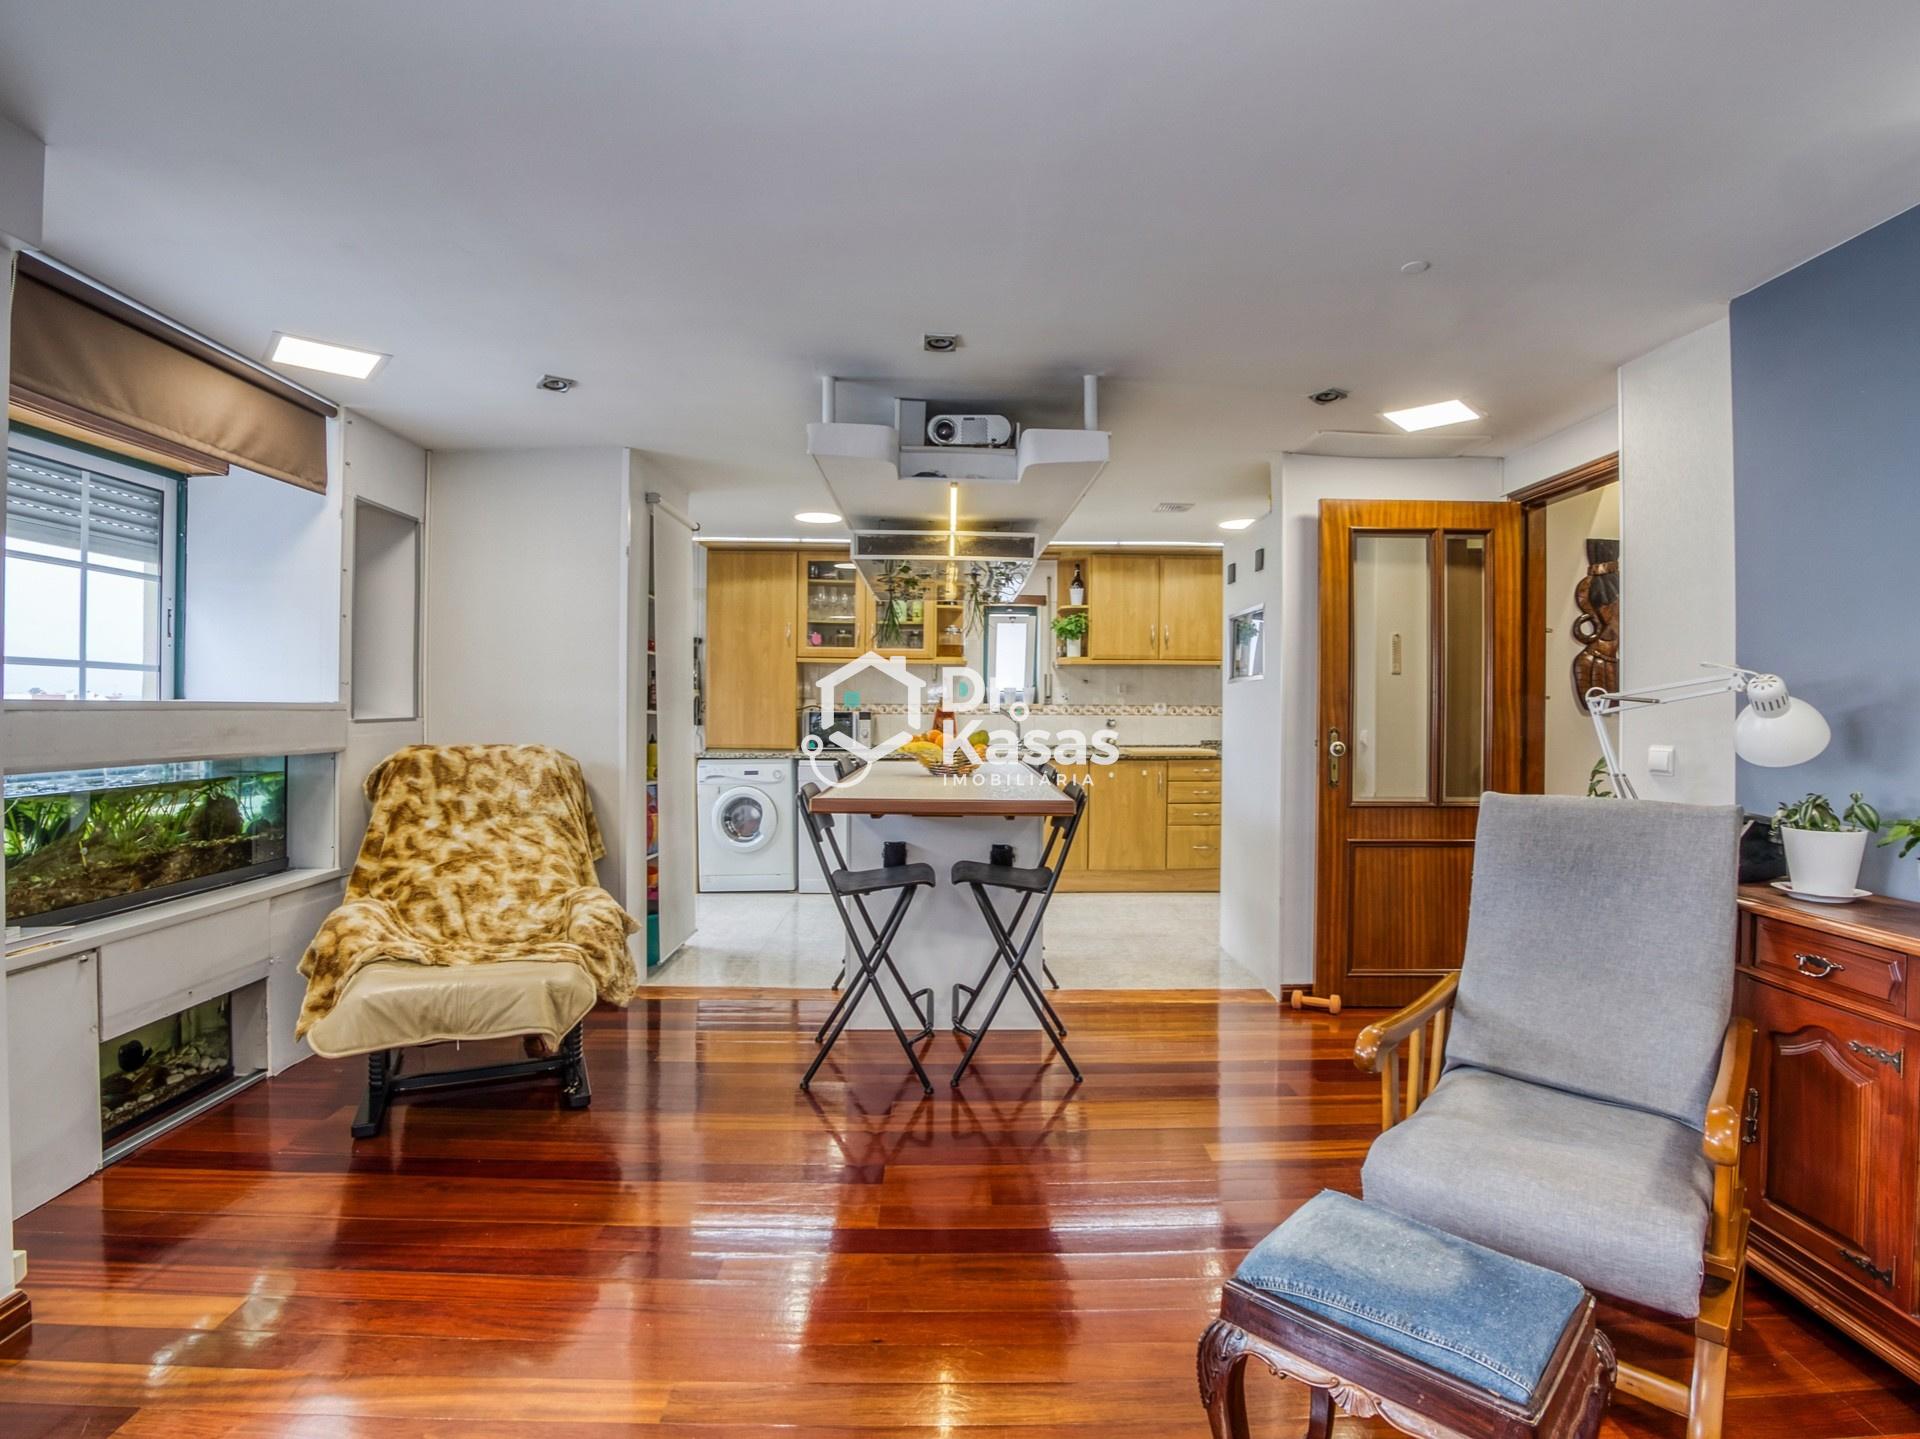 Apartamento T2+1 com aproveitamento do sótão na Urbanização Vila Rosa - Alhos Vedros